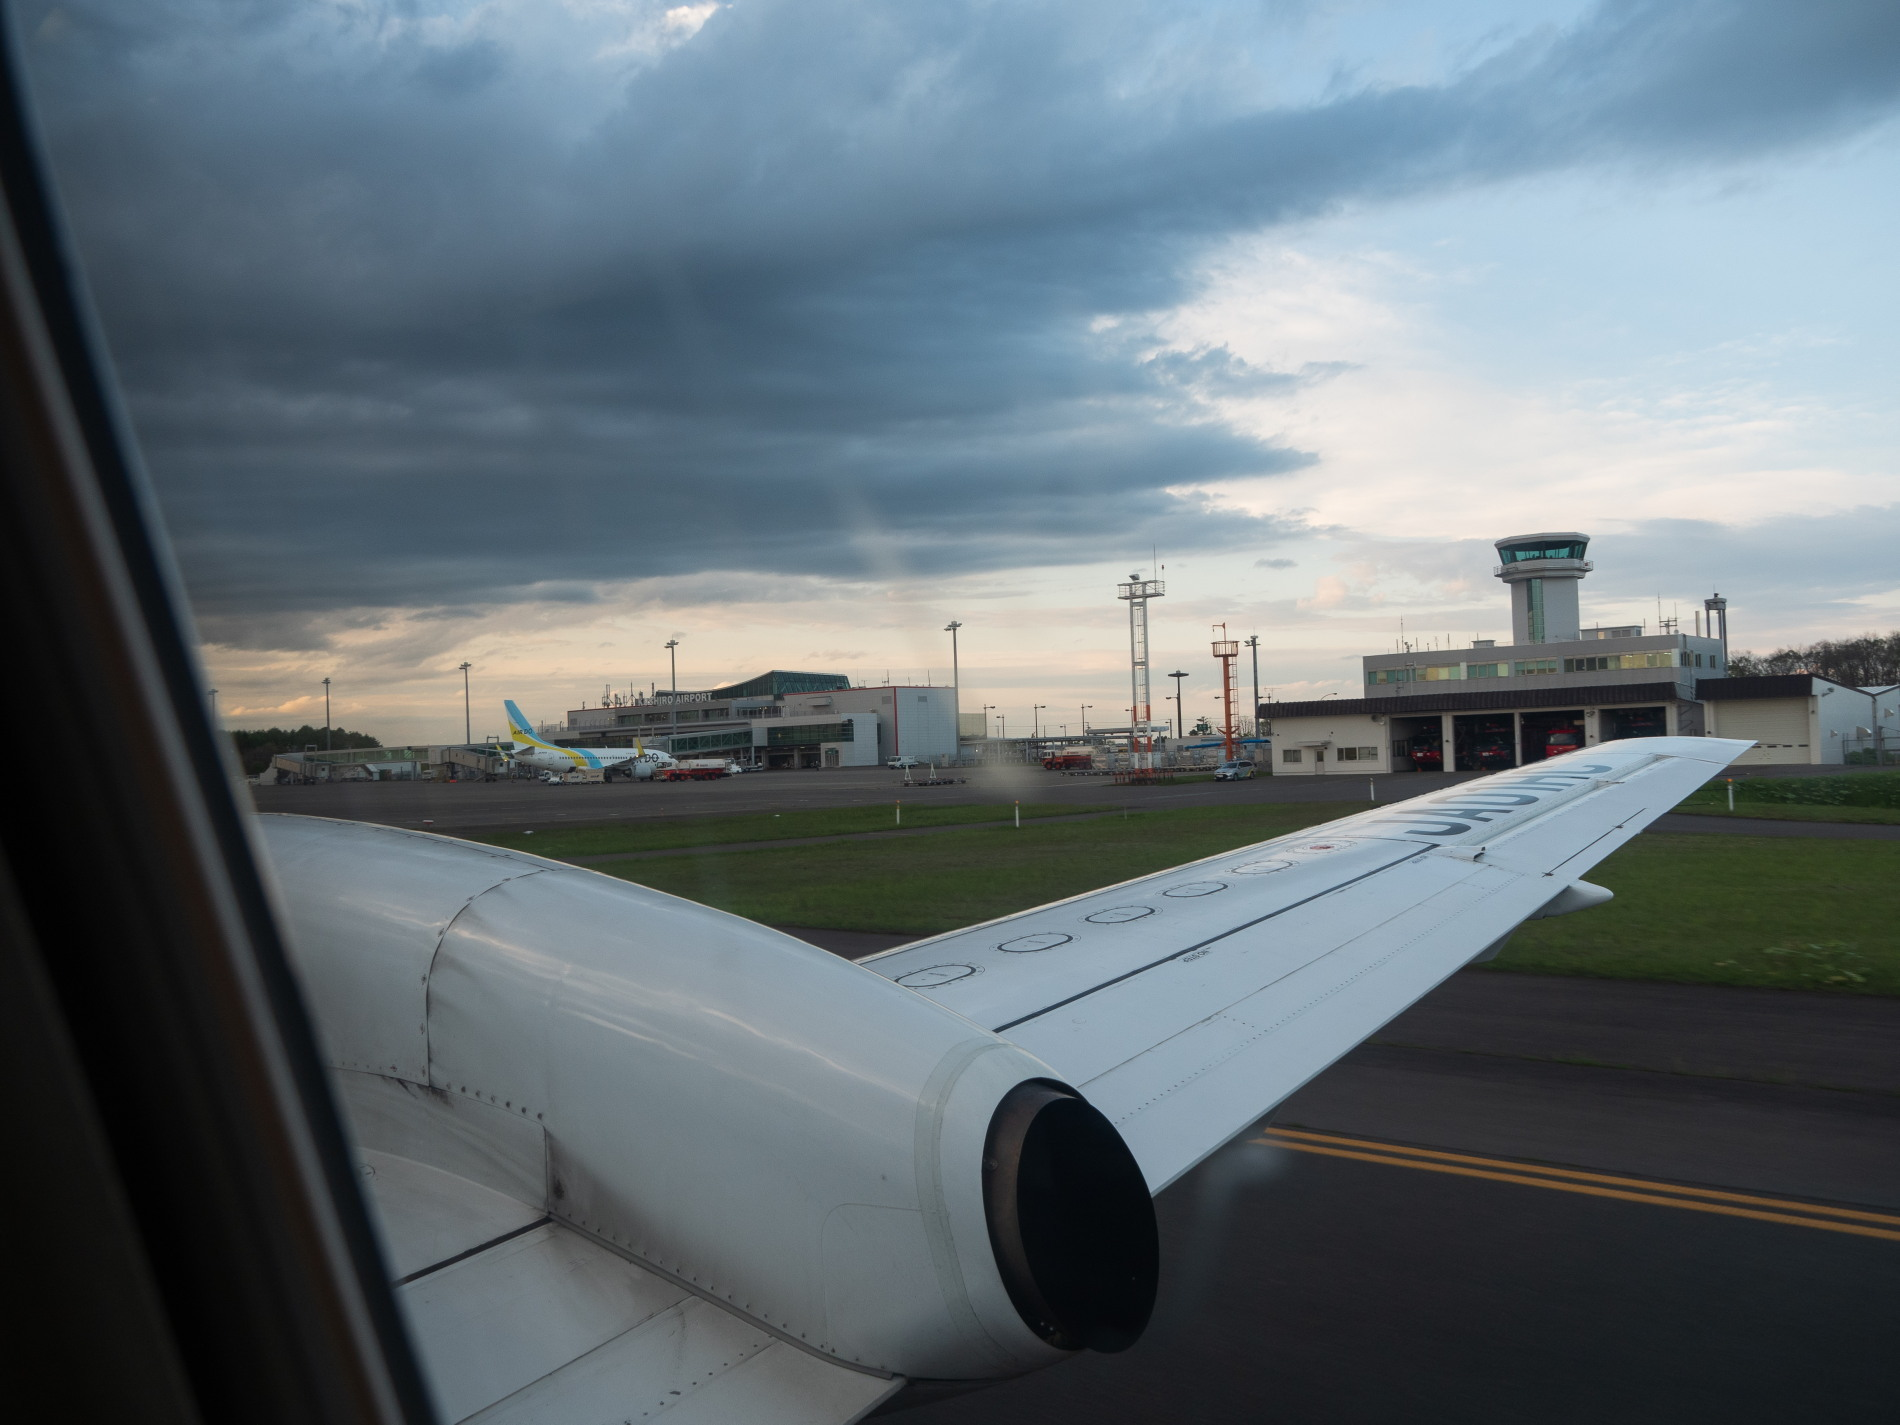 北海道エアシステムの新機材ATR42に乗って・・函館へ(3)_f0276498_22072981.jpg